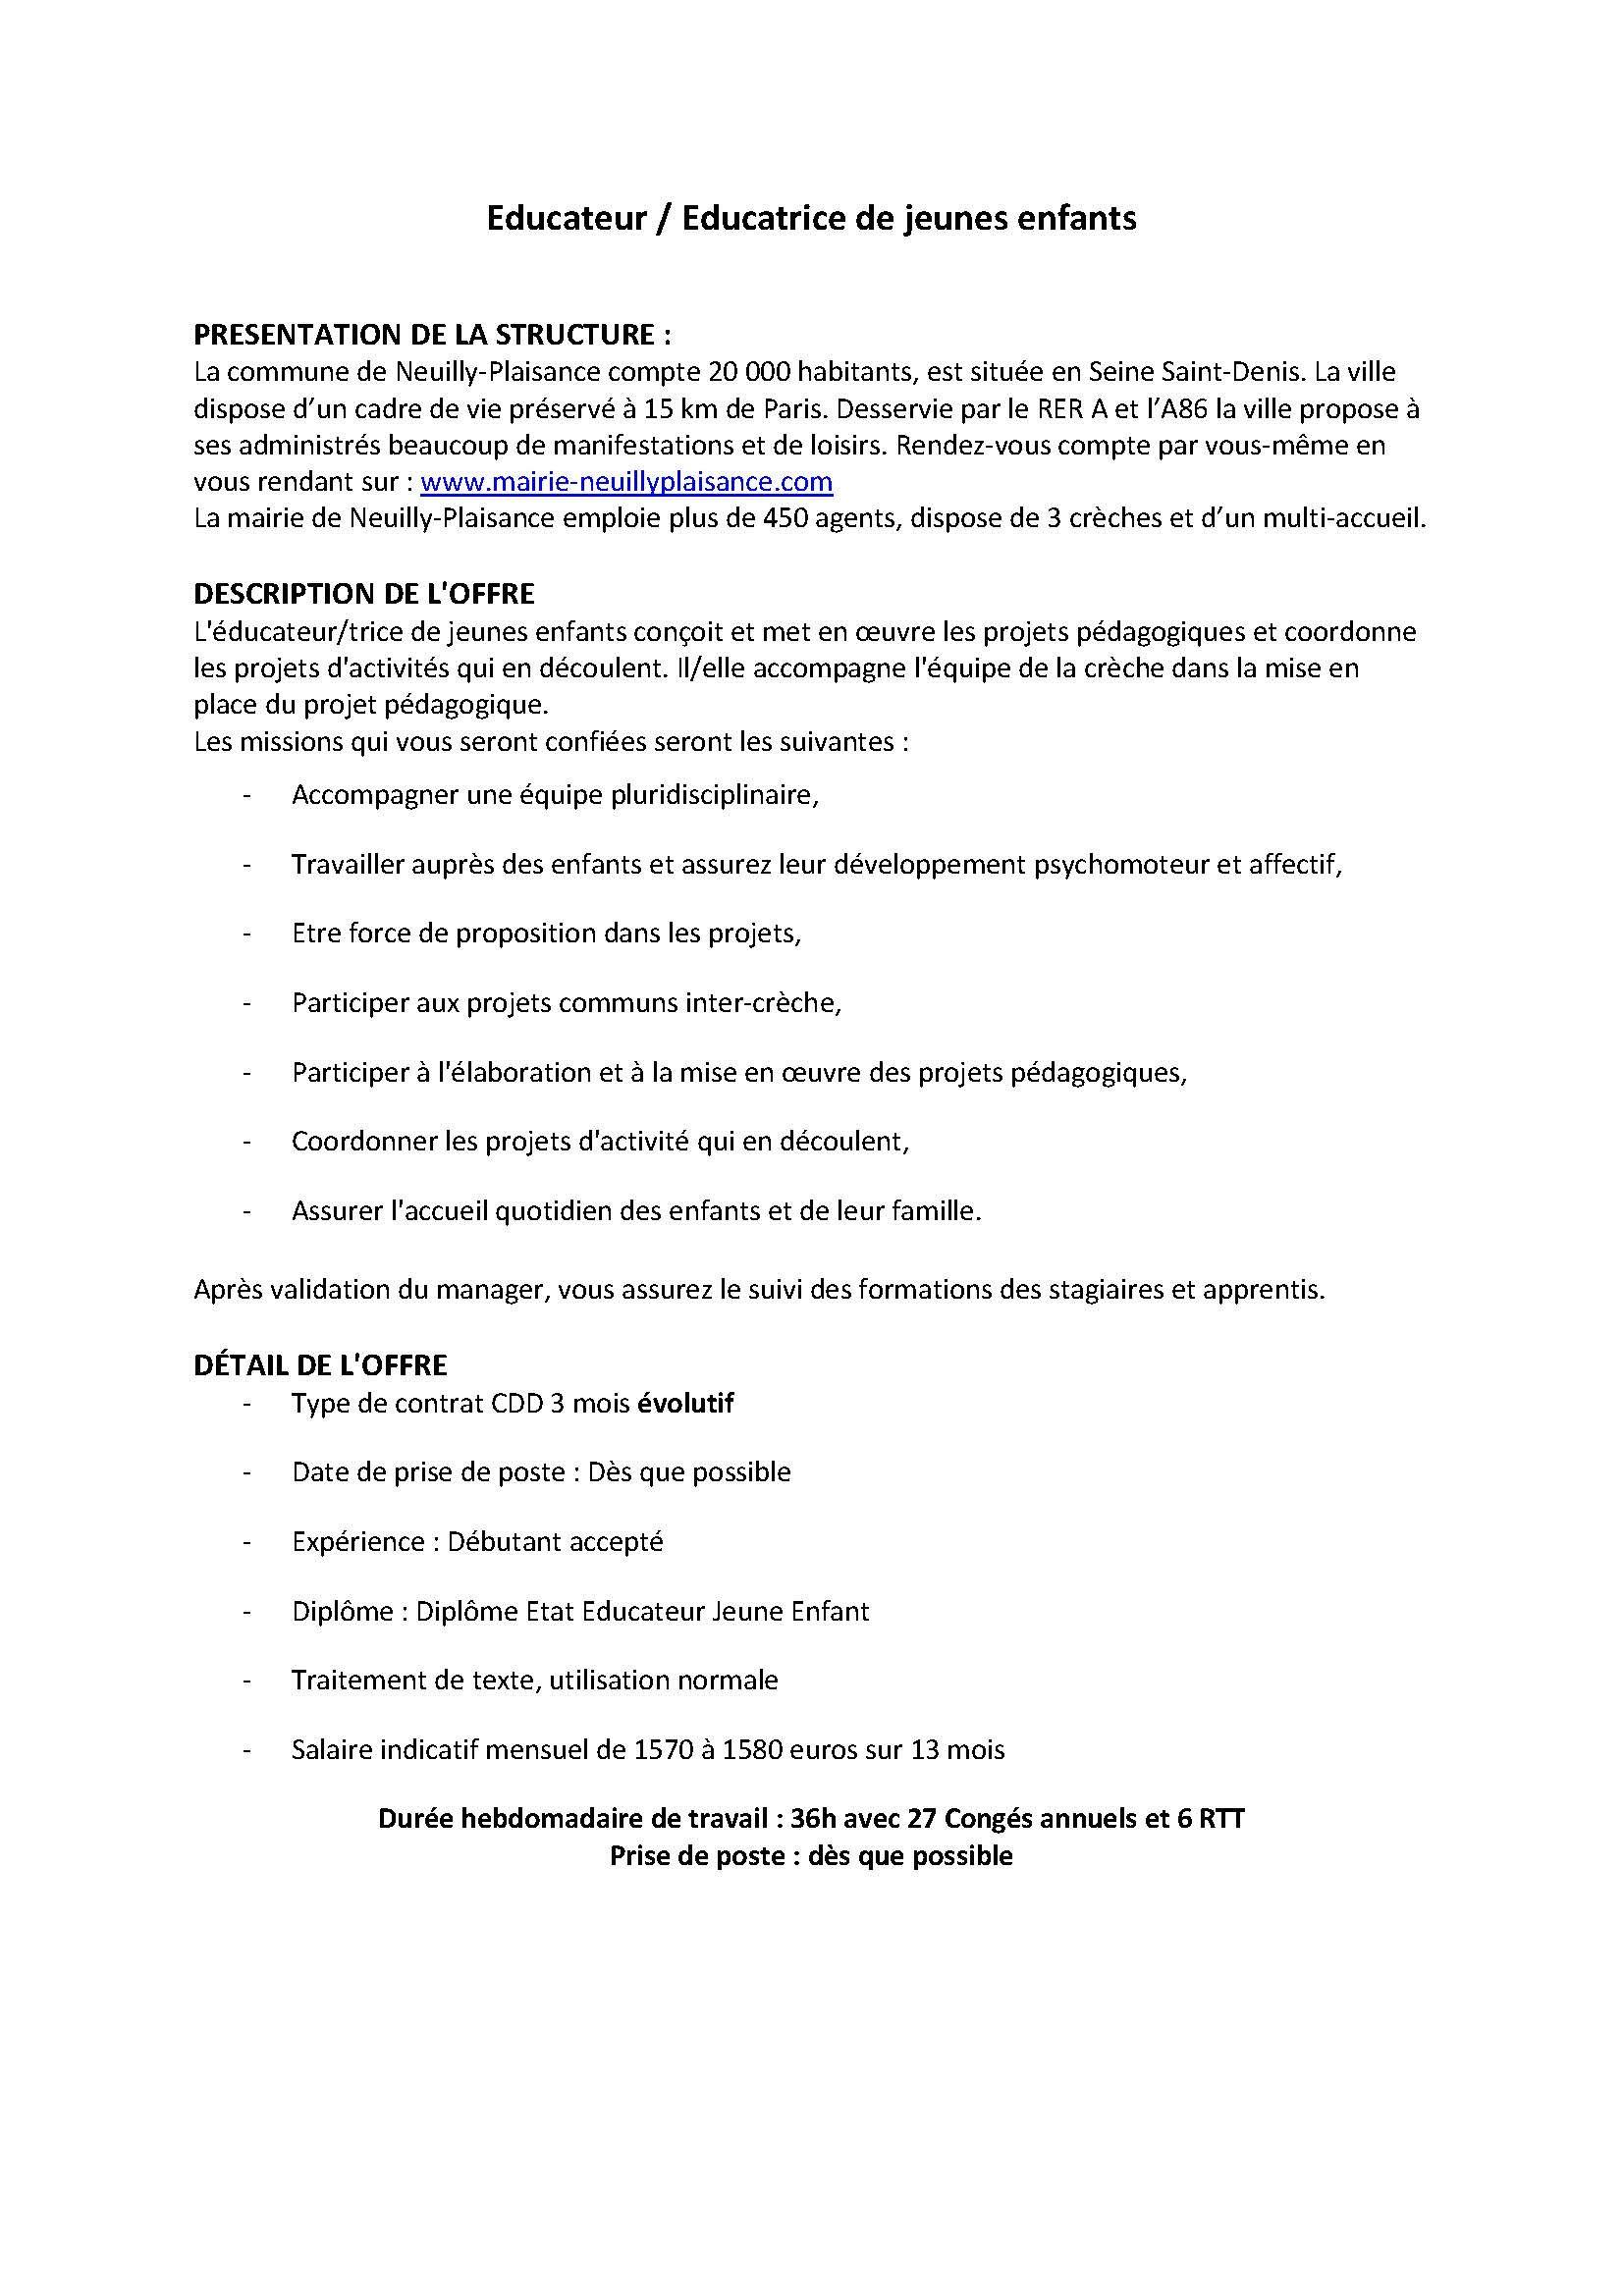 La Mairie De Neuilly Plaisance Recherche Deux Eje Pour Deux Creches De La Ville Type De Contrat Cdd 3 M Educatrice De Jeunes Enfants Offre Emploi Conge Annuel